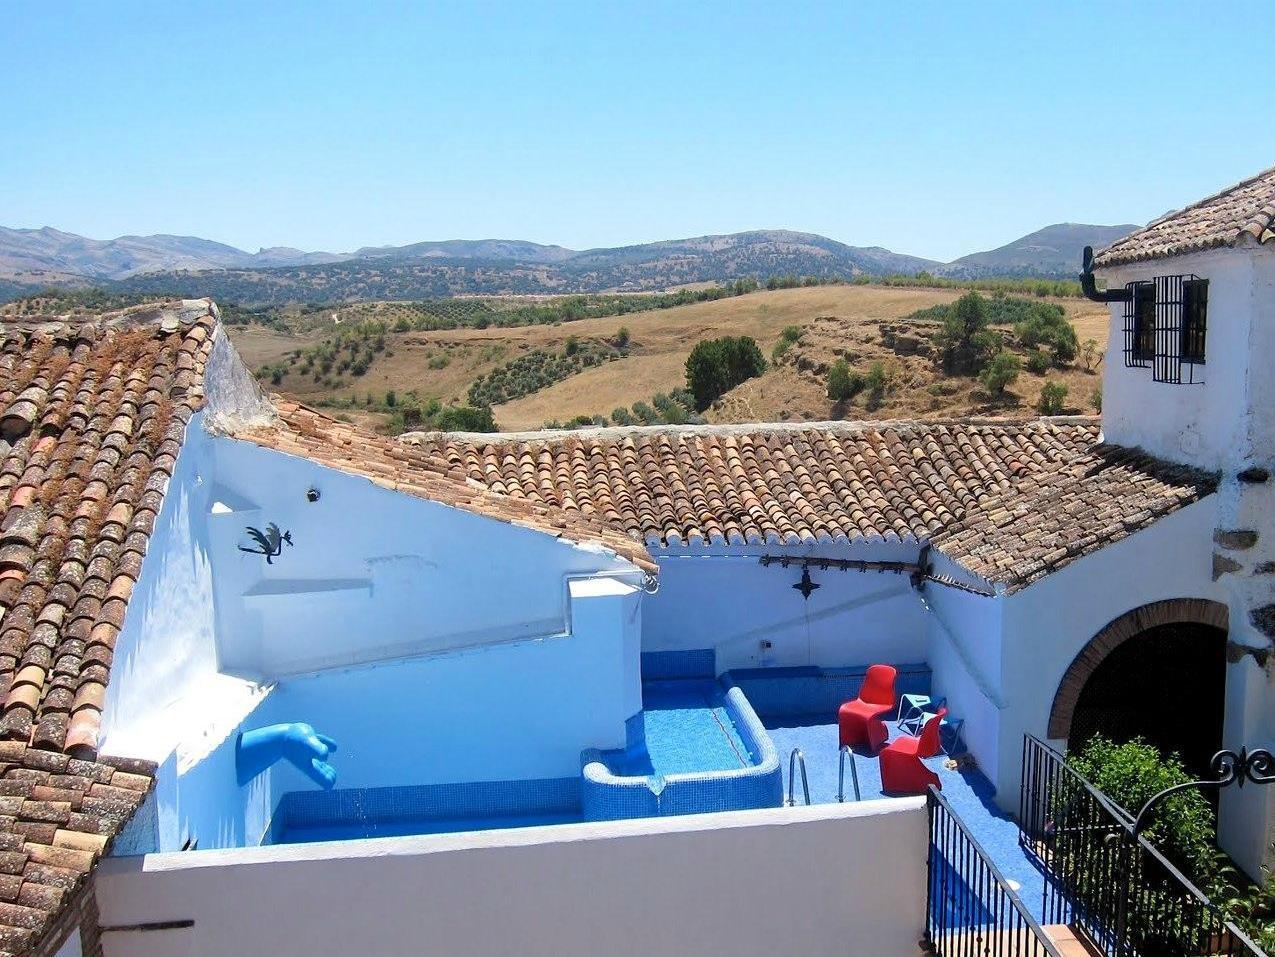 Ronda Hotel Molino Del Arco In Spain  Europe